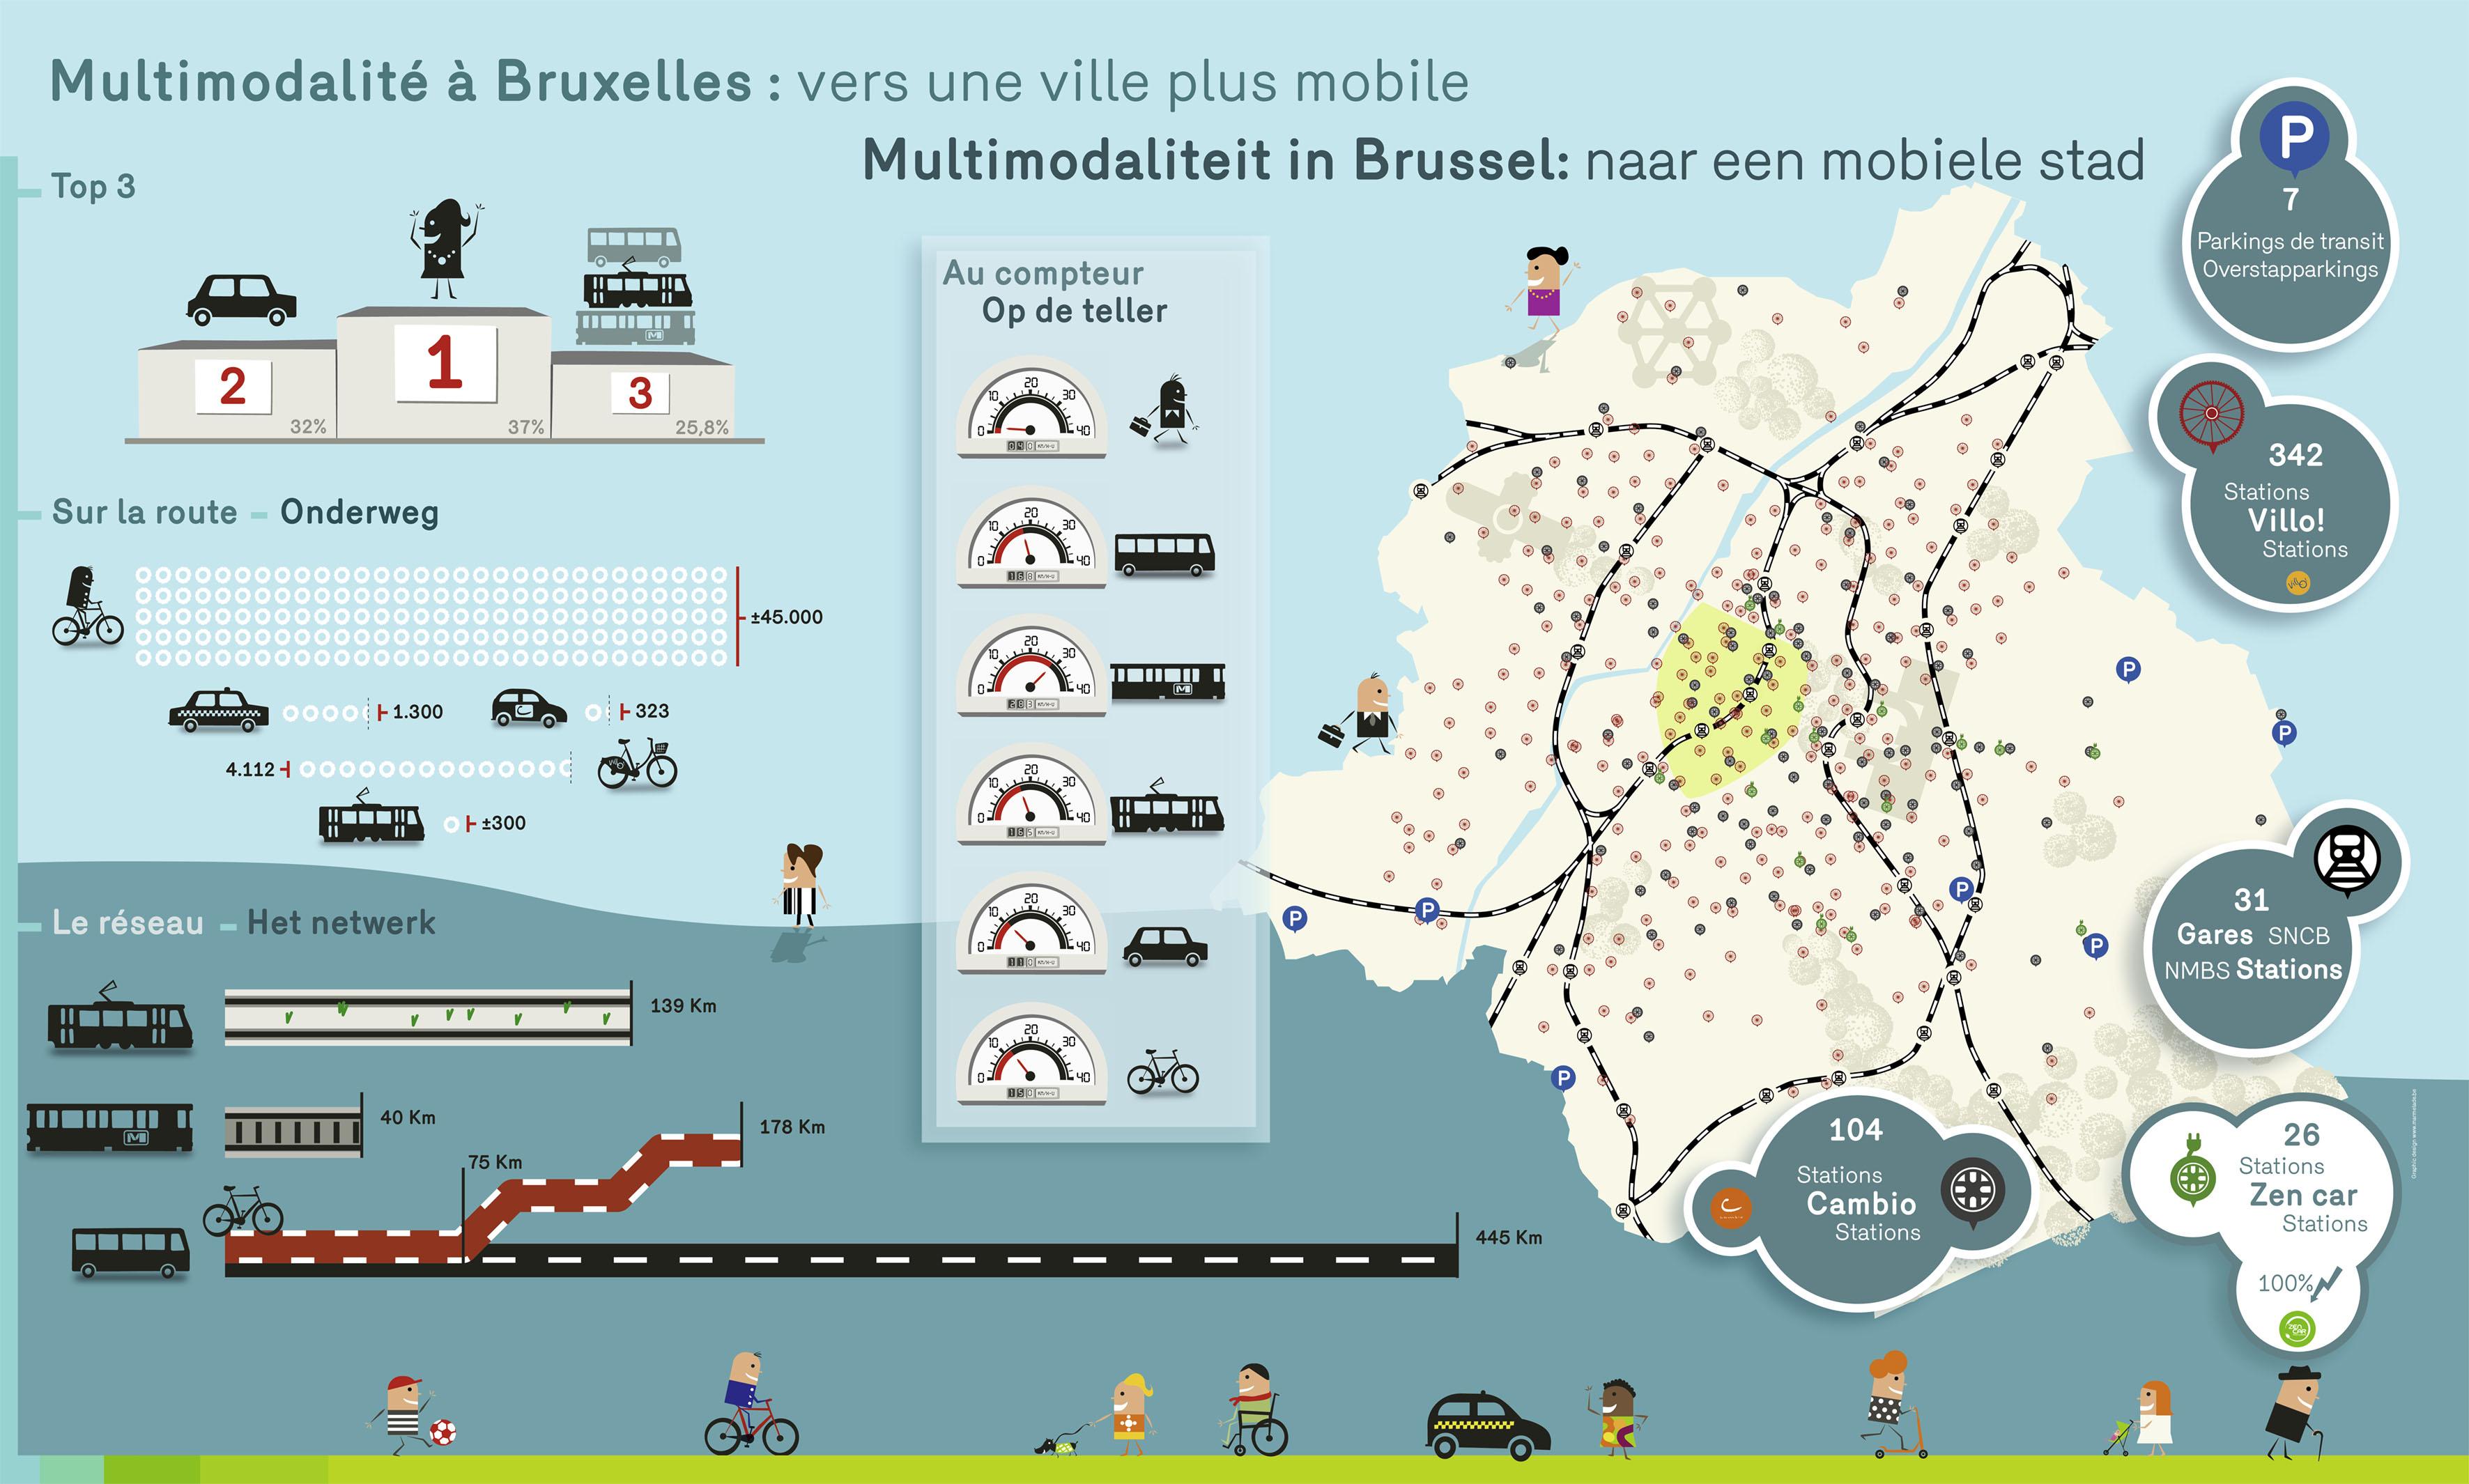 Panneau jeu illsutrant la mobilité à Bruxelles